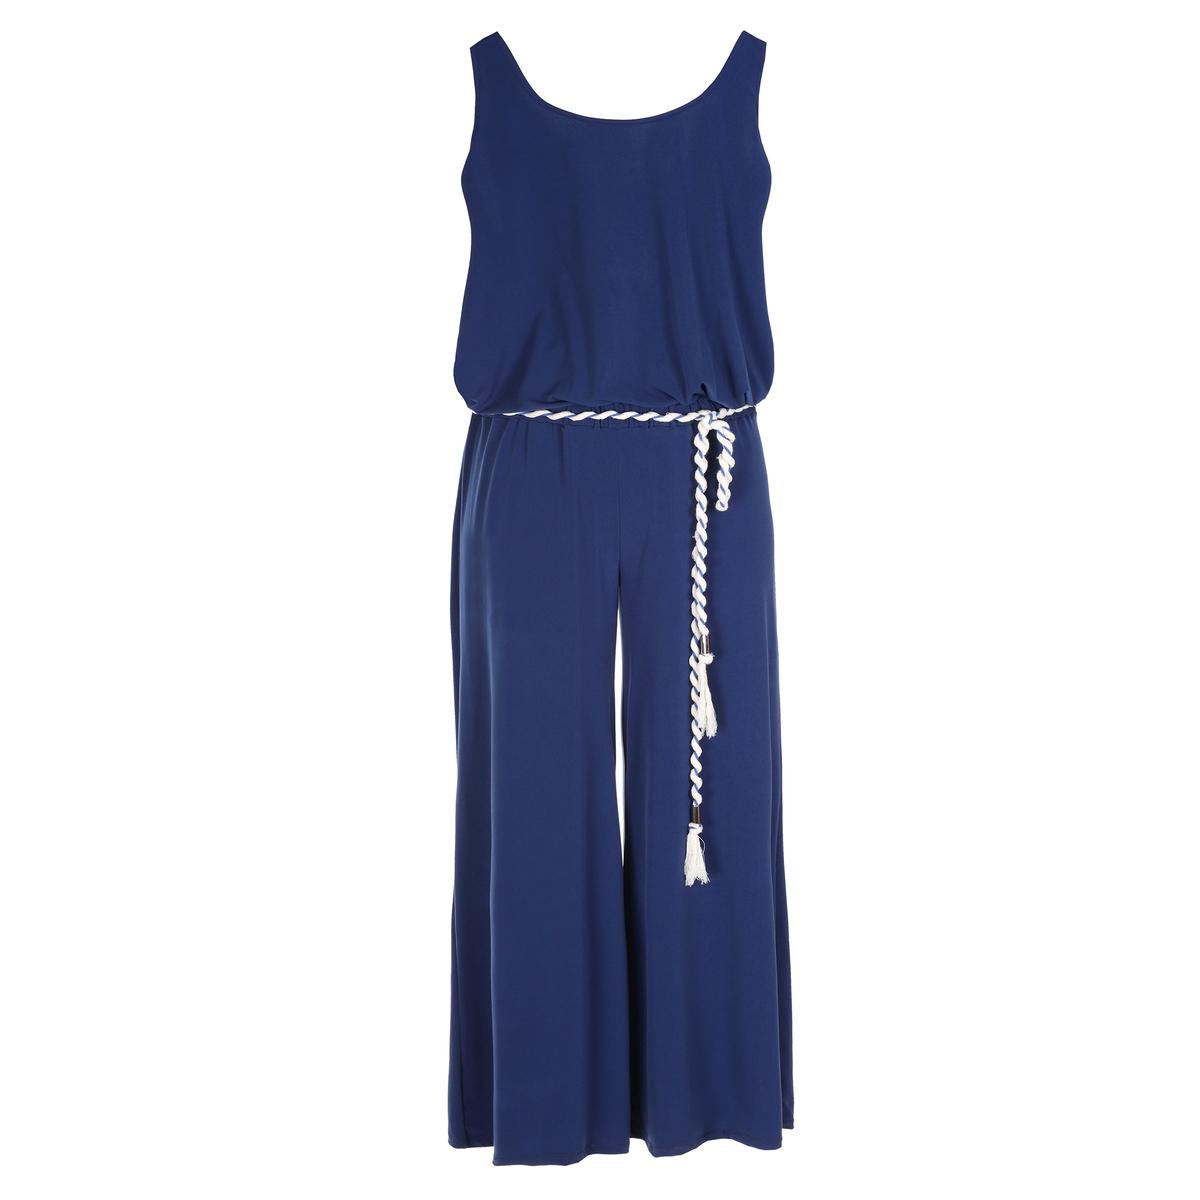 Комбинезон с брюкамиКомбинезон с брюками MAT FASHION из качественного джерси. Верх без рукавов. Брюки свободного покроя. Пояс с завязками контрастного цвета. 94% полиэстера, 6% эластана<br><br>Цвет: синий<br>Размер: 44/48